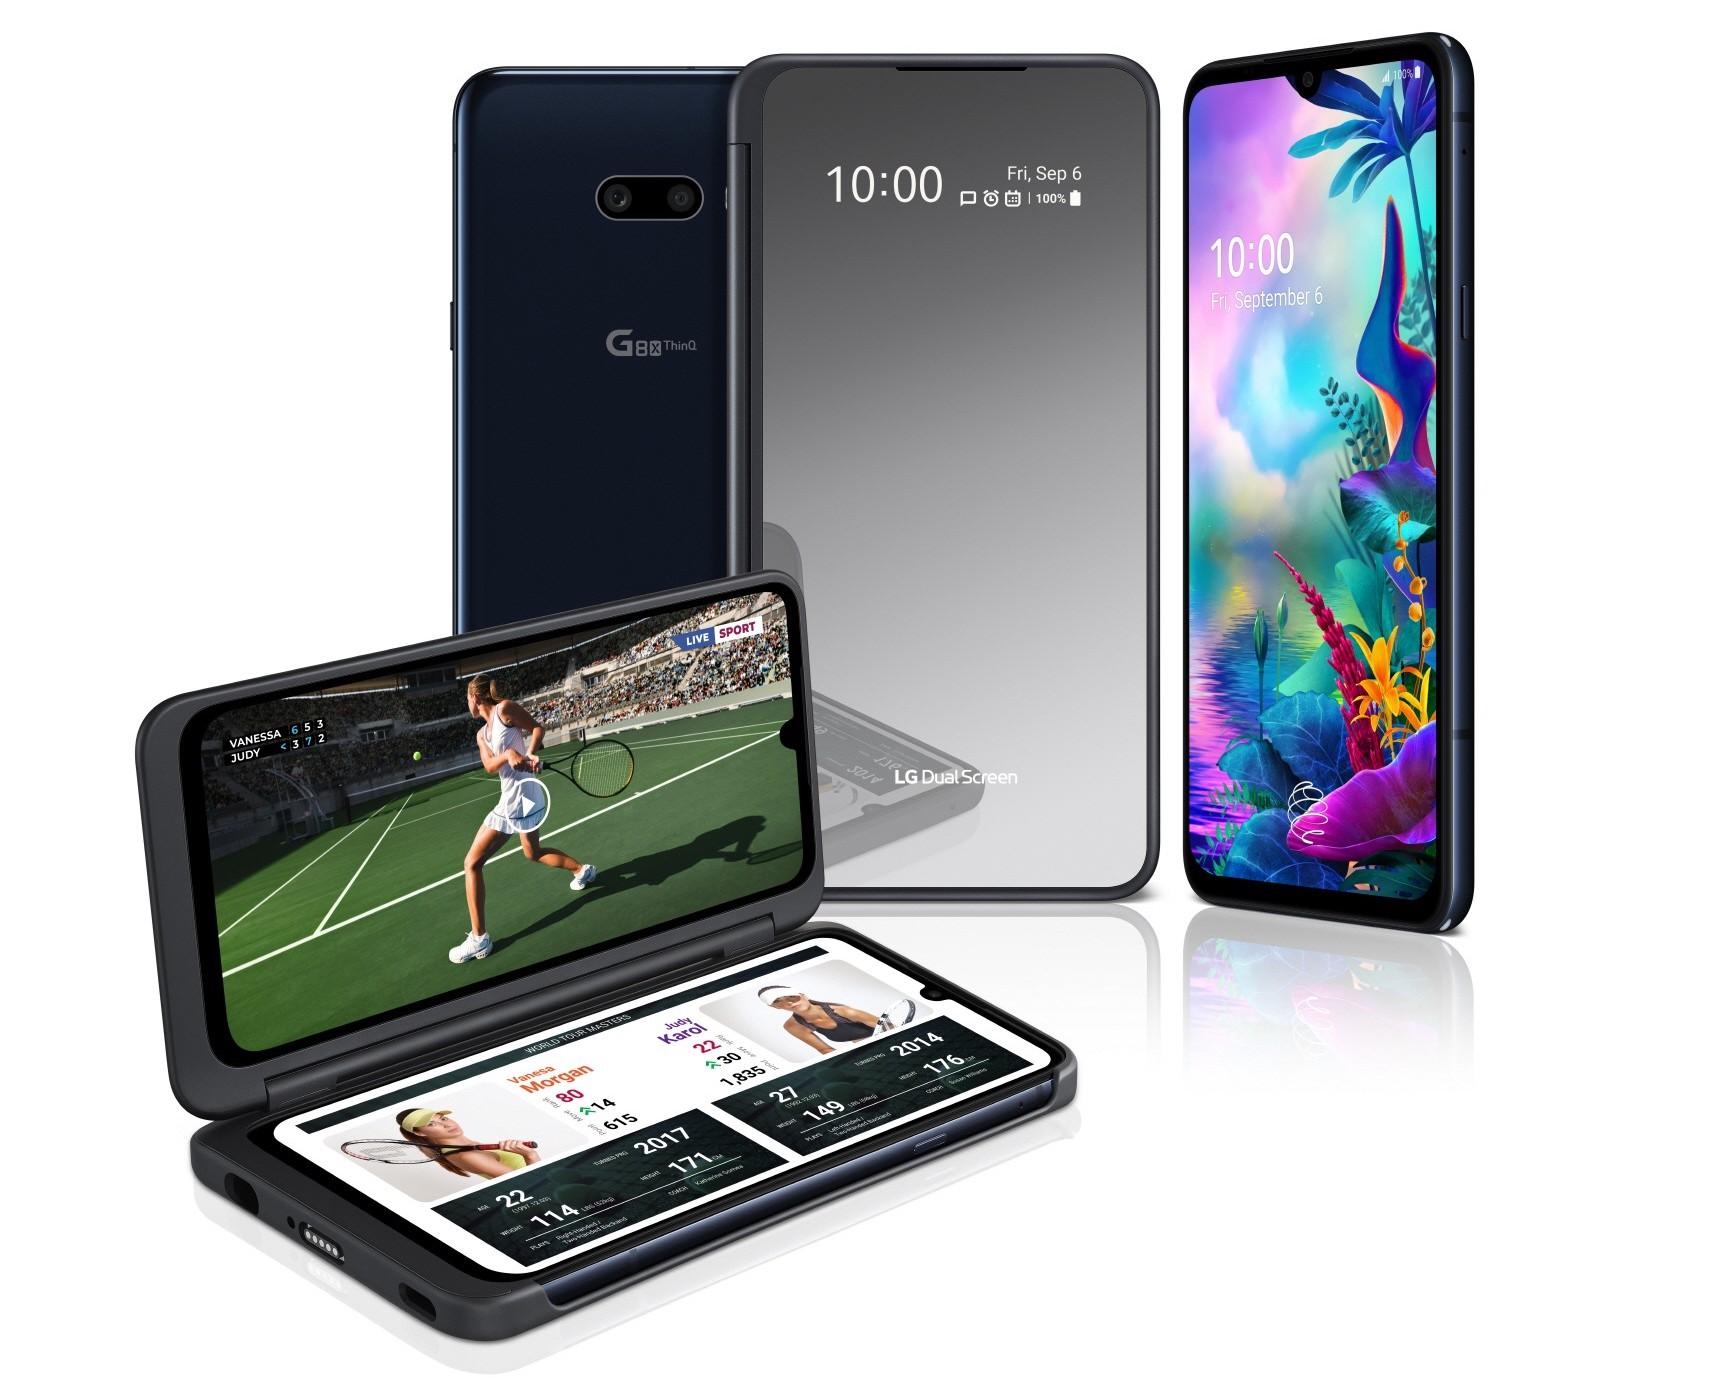 IFA 2019 : LG présente le G8X ThinQ, son nouveau smartphone doté de deux écrans